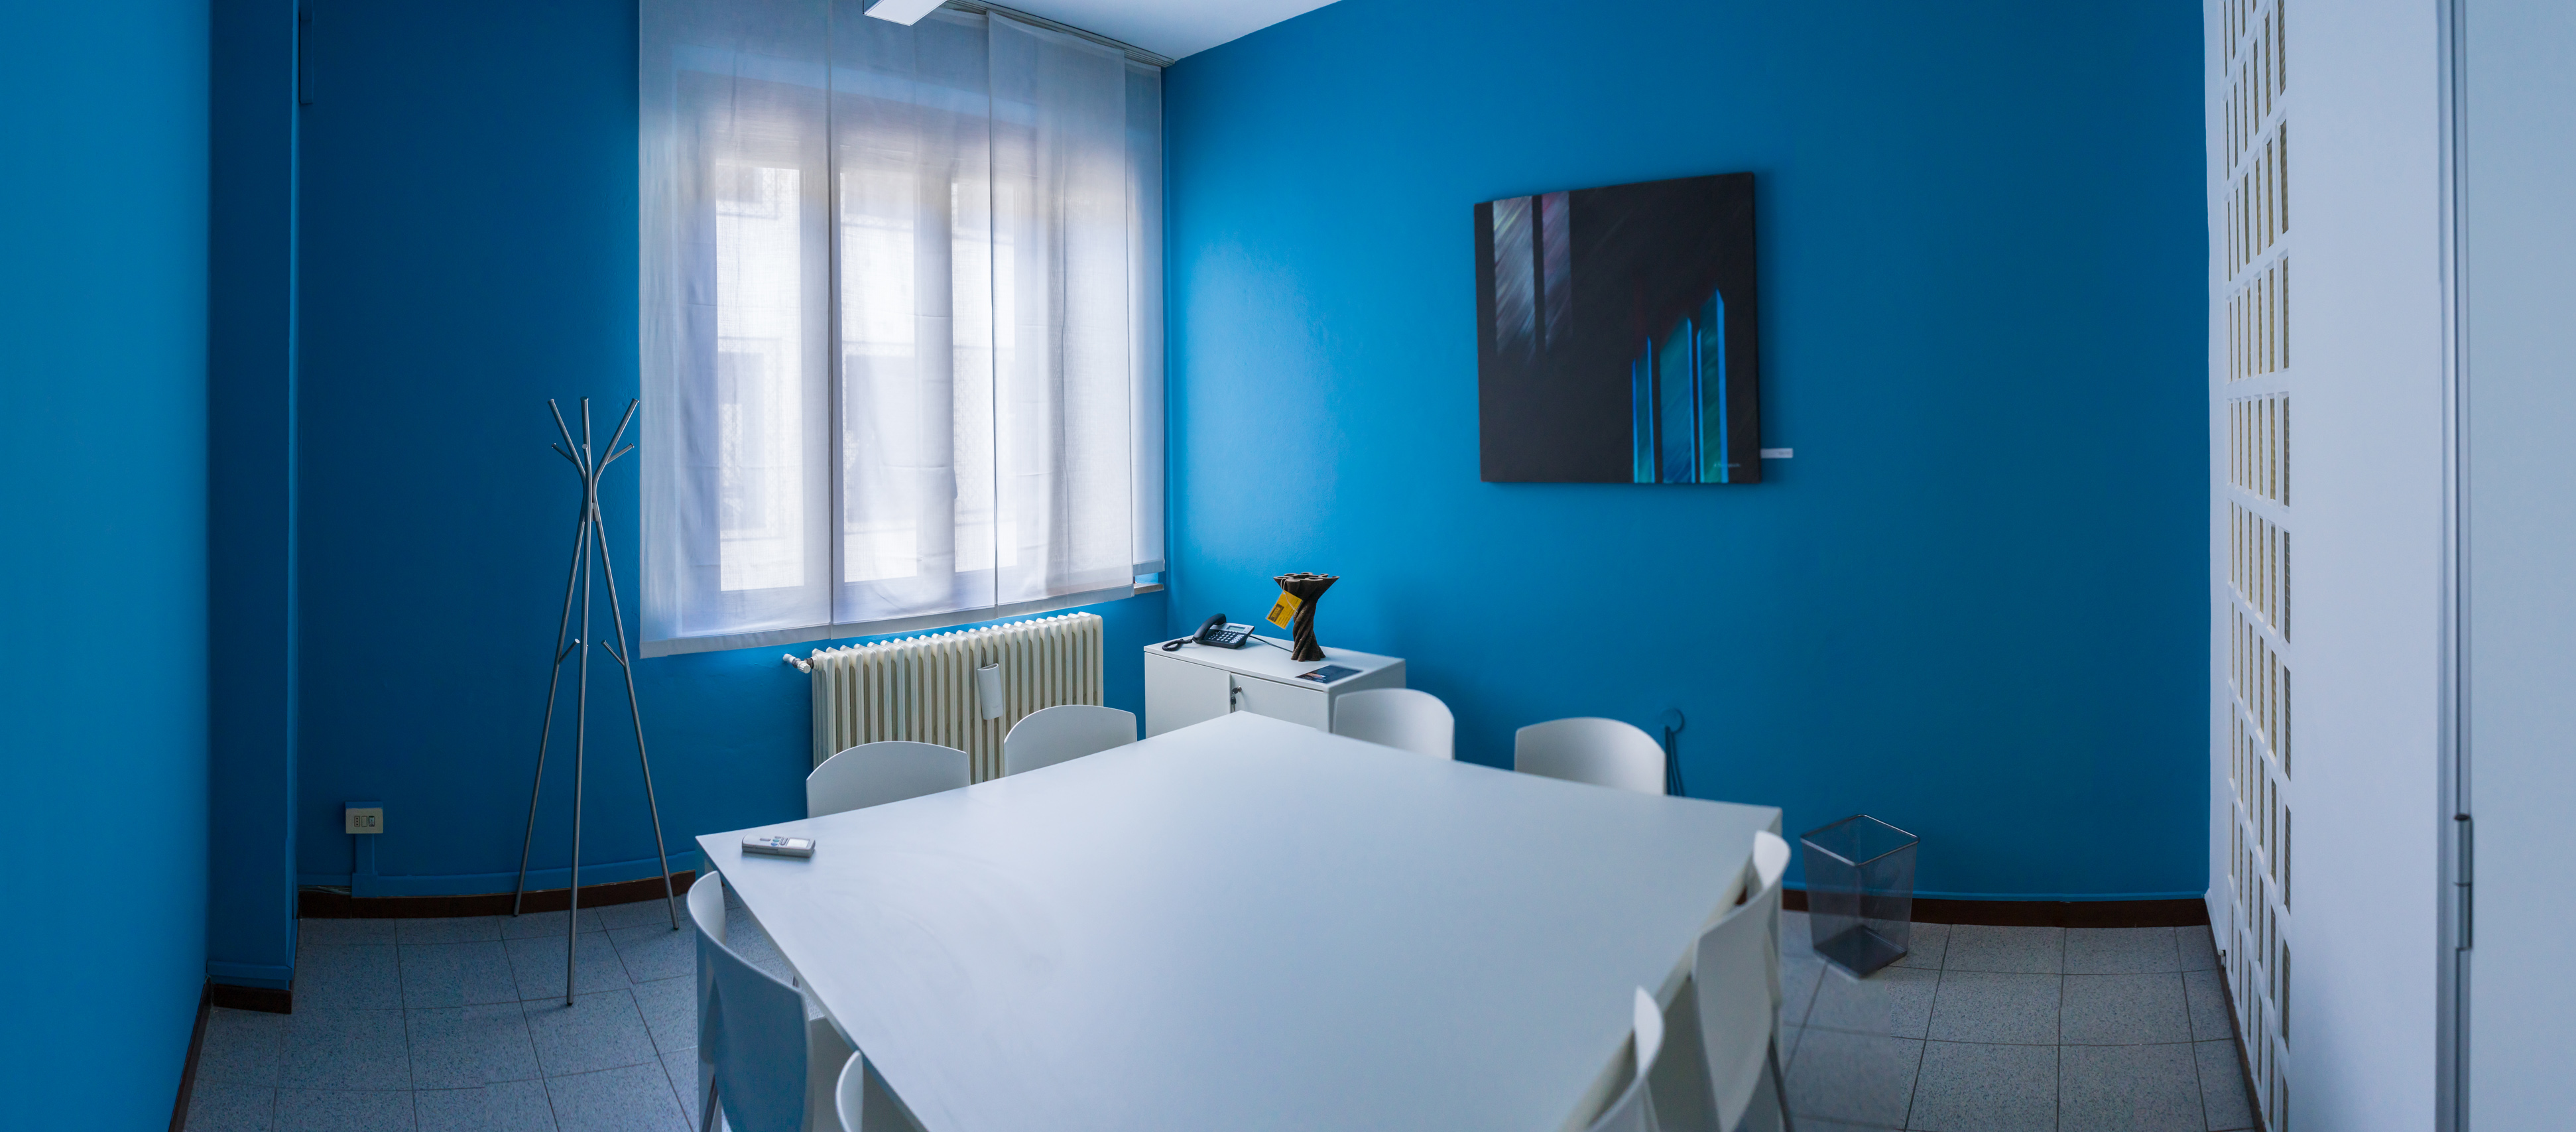 Sala riunioni - sala formazione